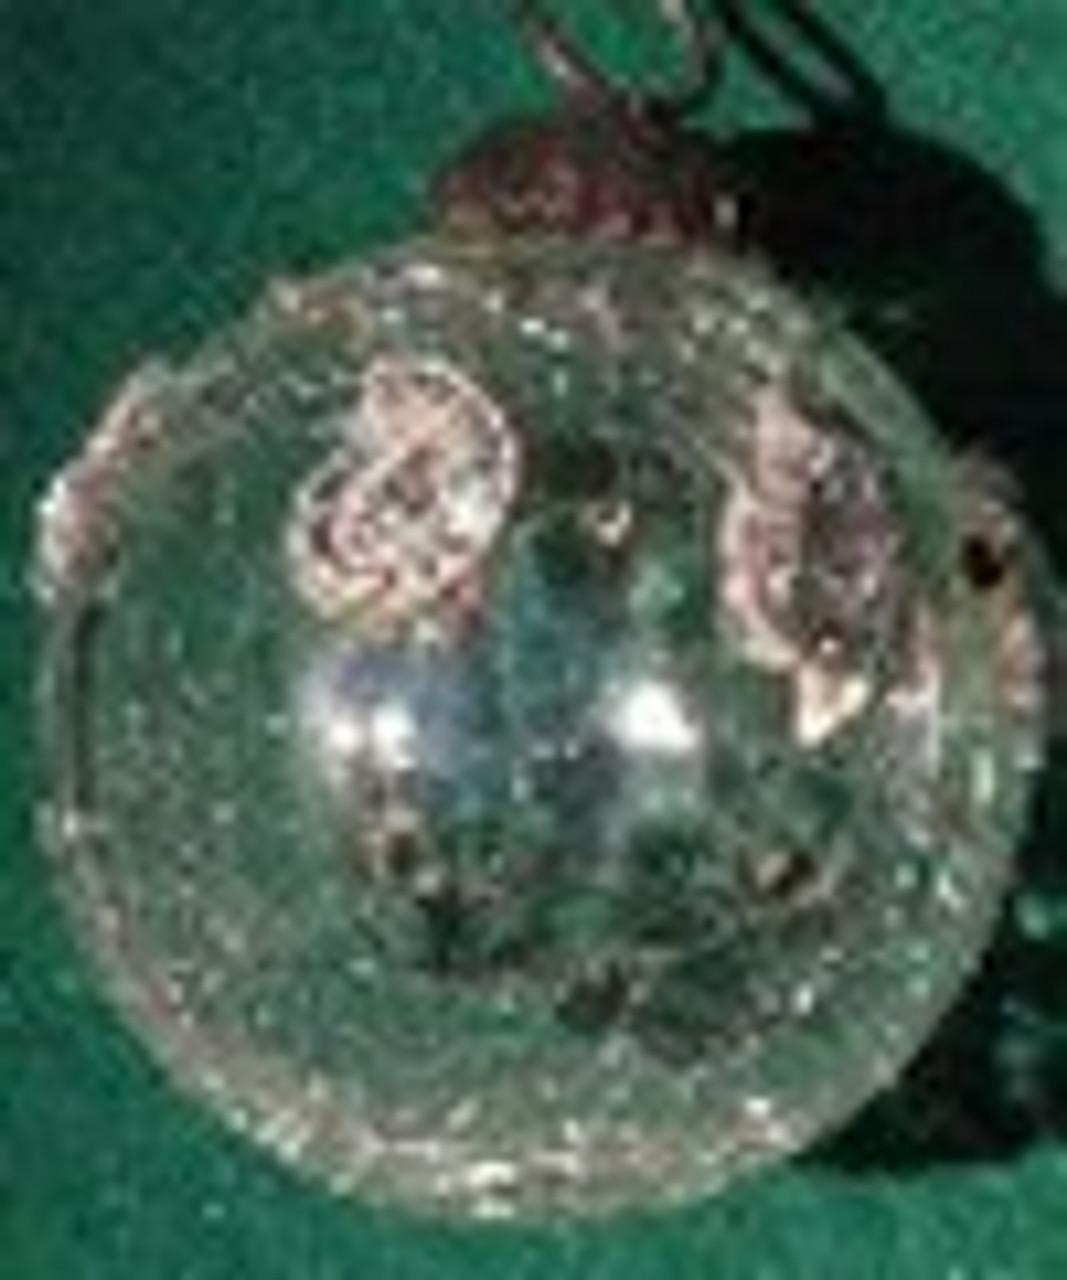 Kugel Glass Ornaments